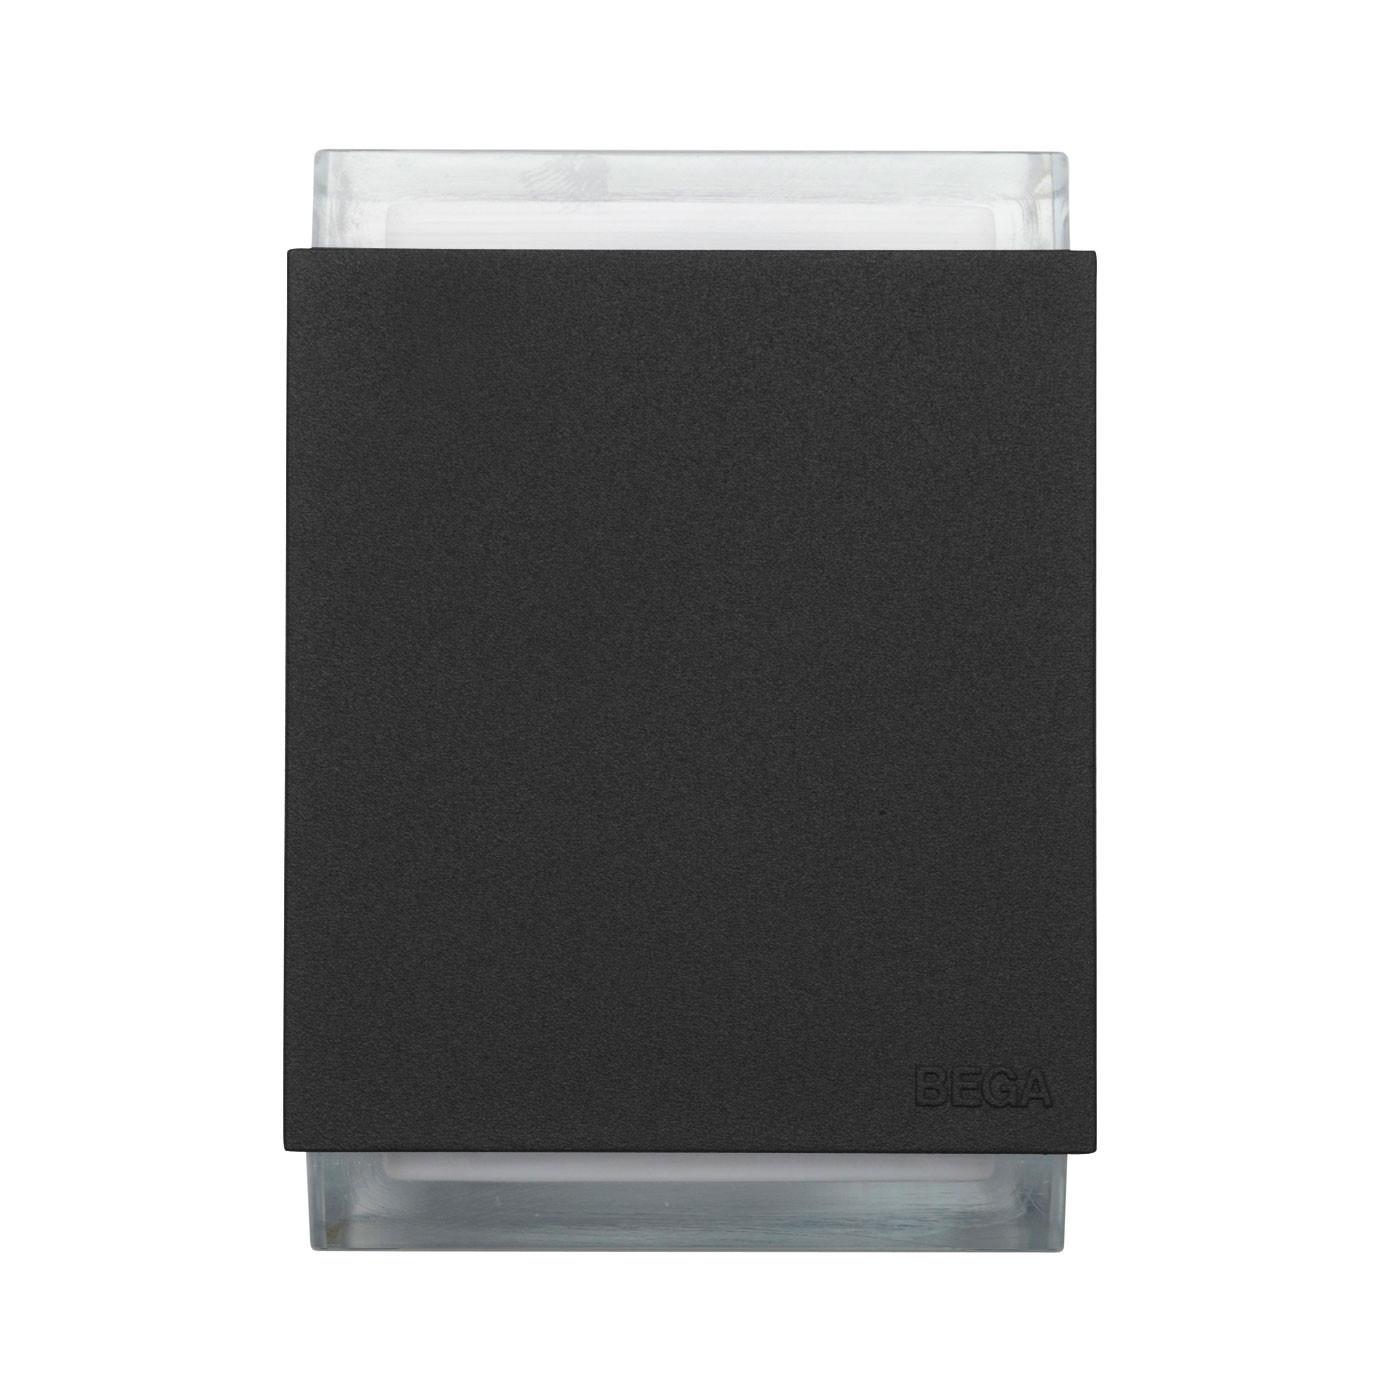 Bega 33549 LED große Wandleuchte, zweiseitig abstrahlend, DALI steuerbar